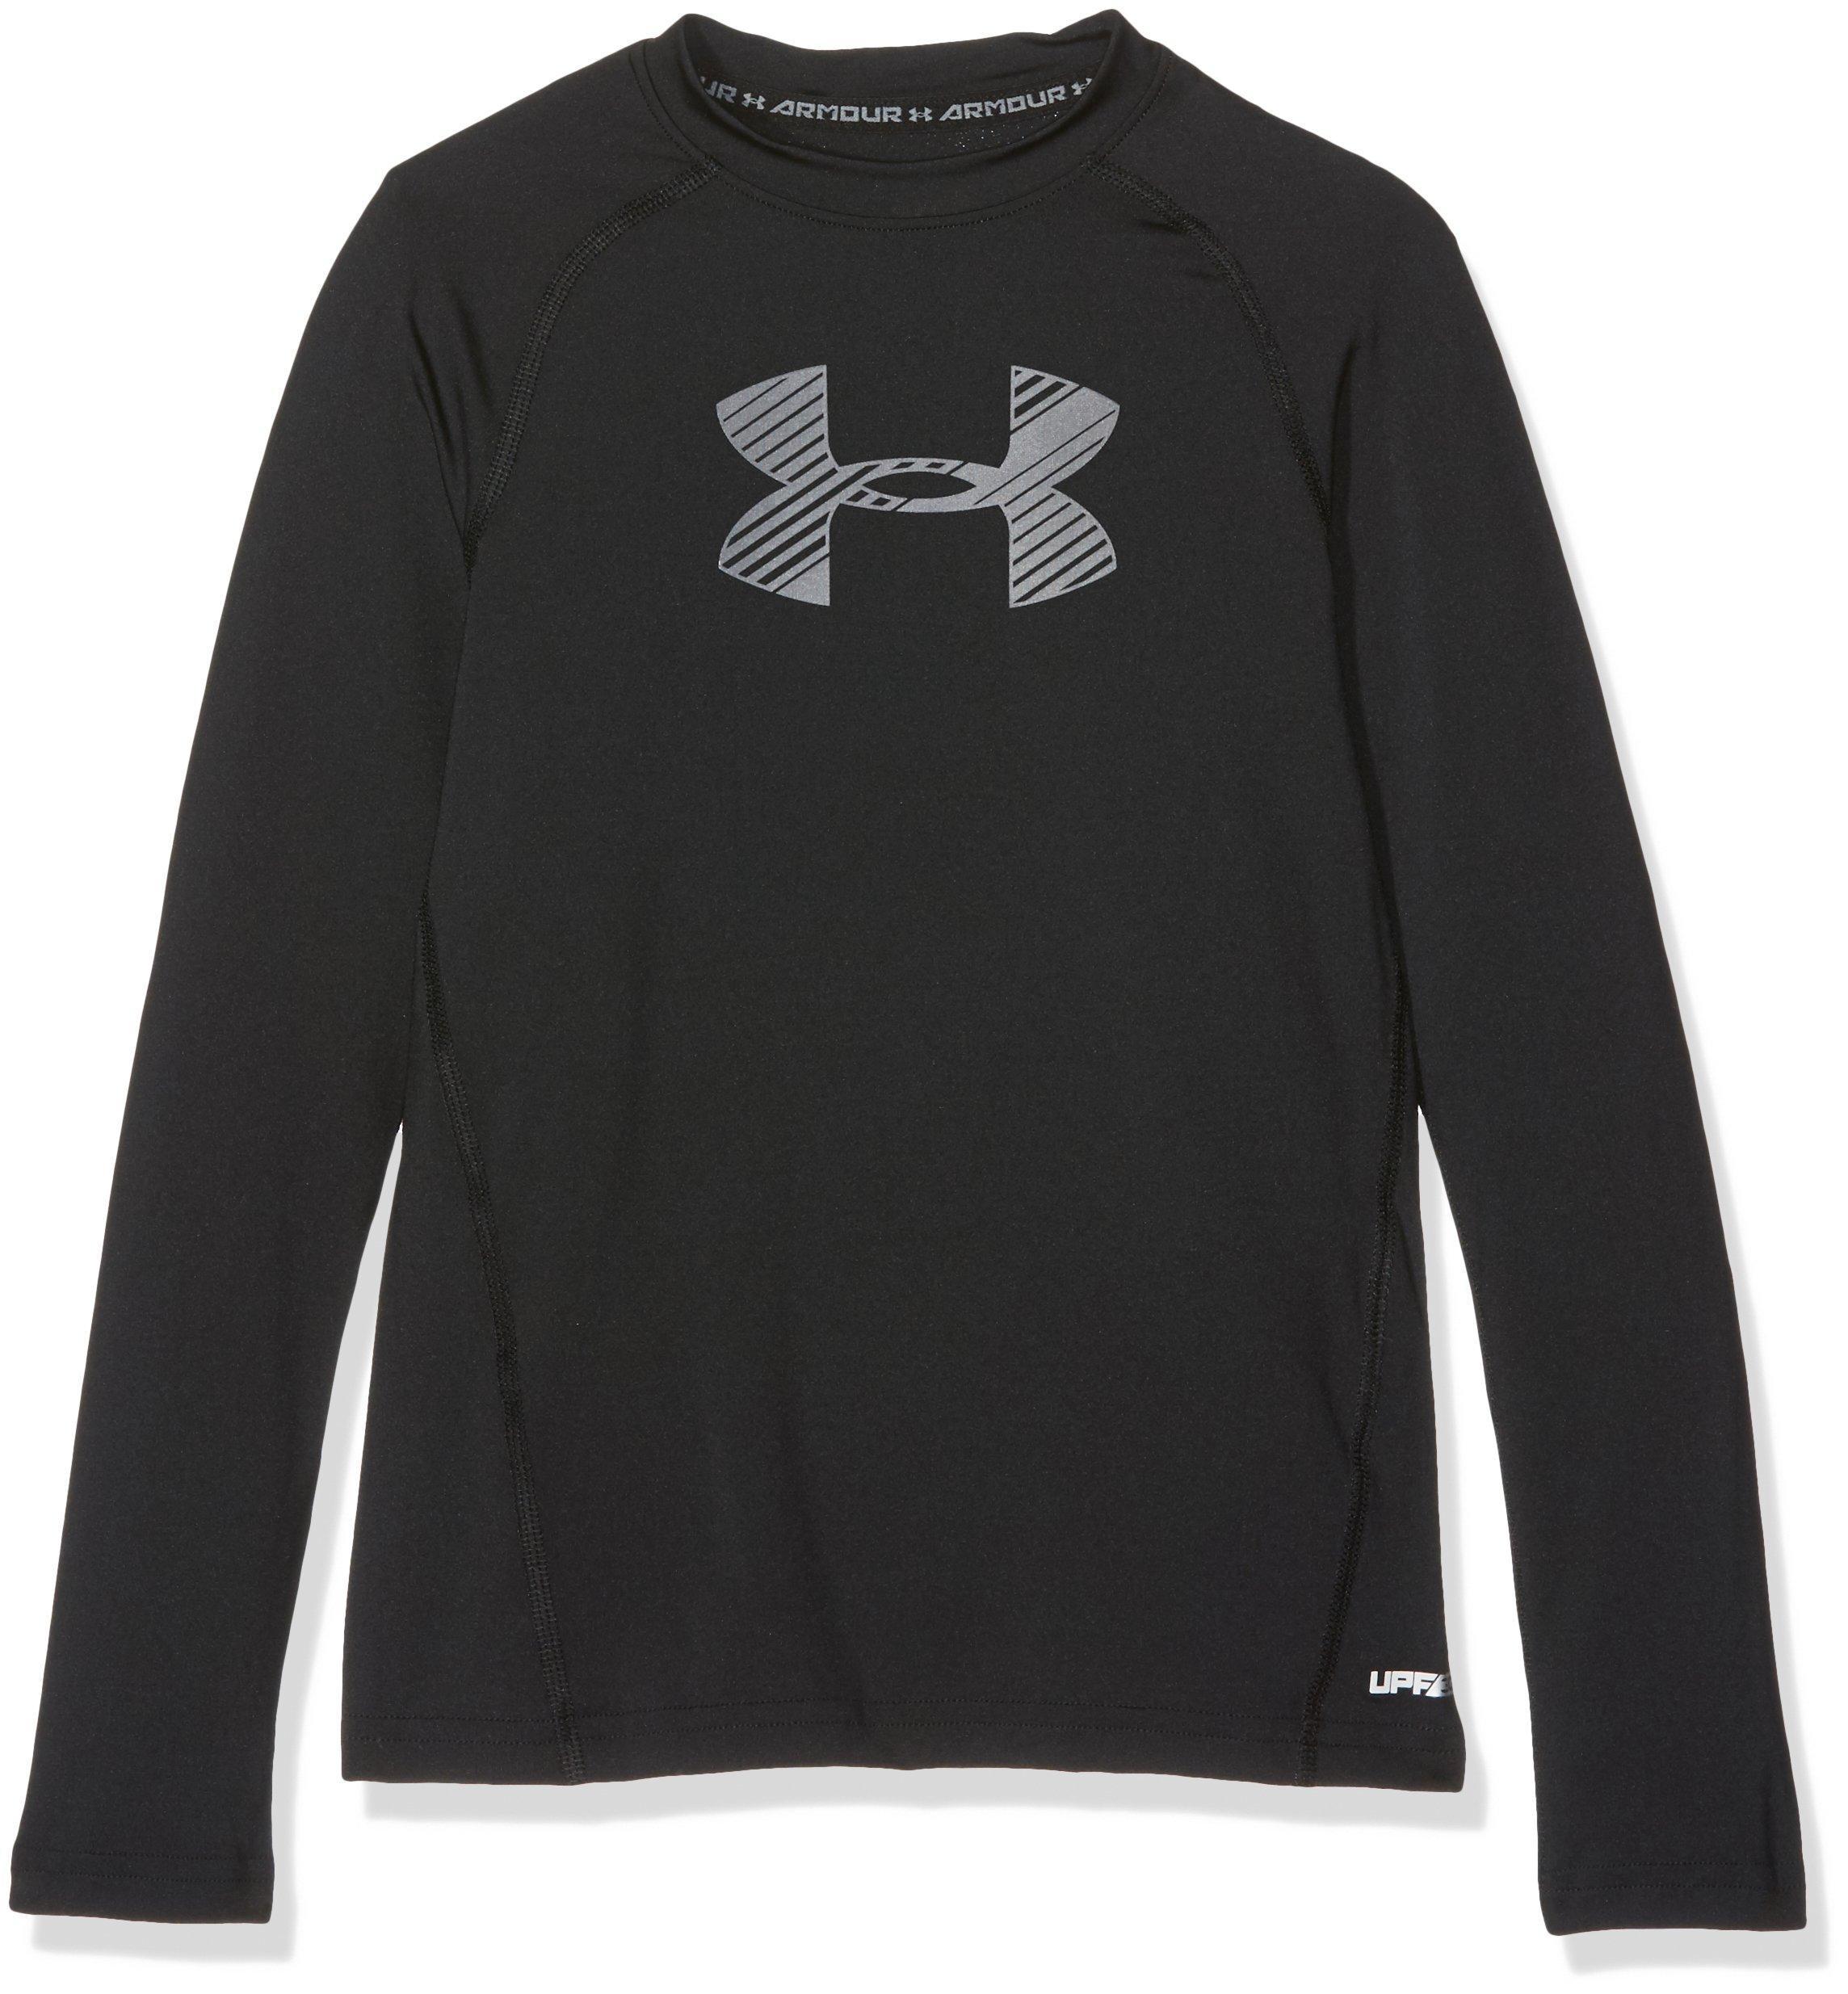 Under Armour Boys' HeatGear Armour Long Sleeve, Black /Graphite, Youth Small